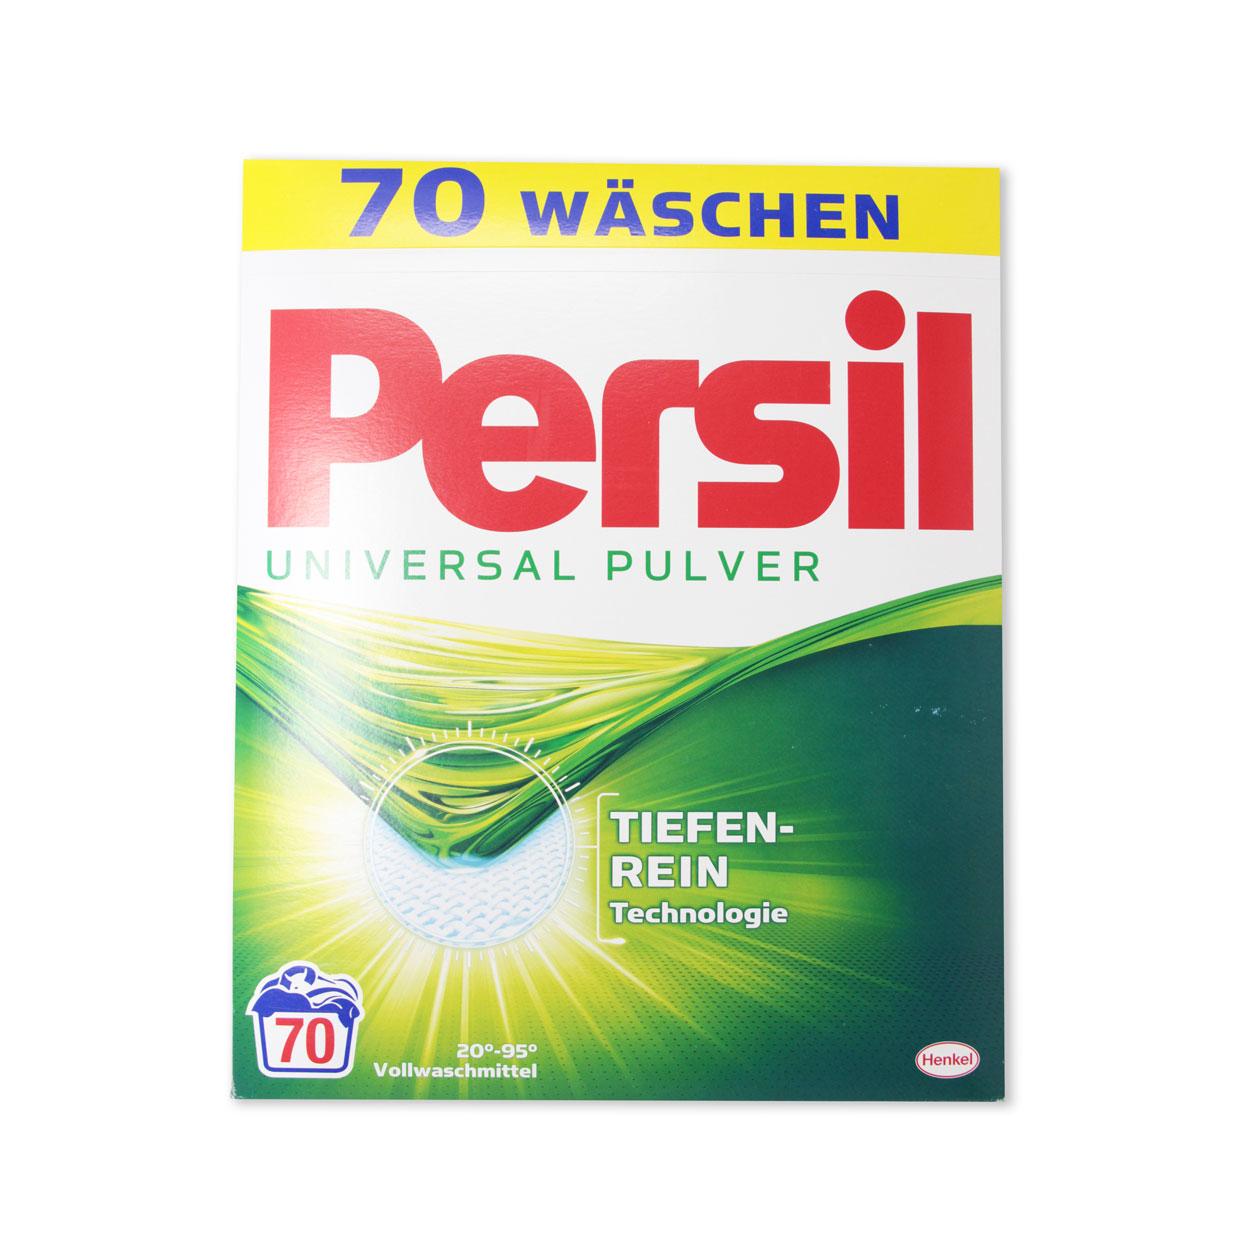 Persil Universal Pulver Vollwaschmittel 4,55 kg-Packung